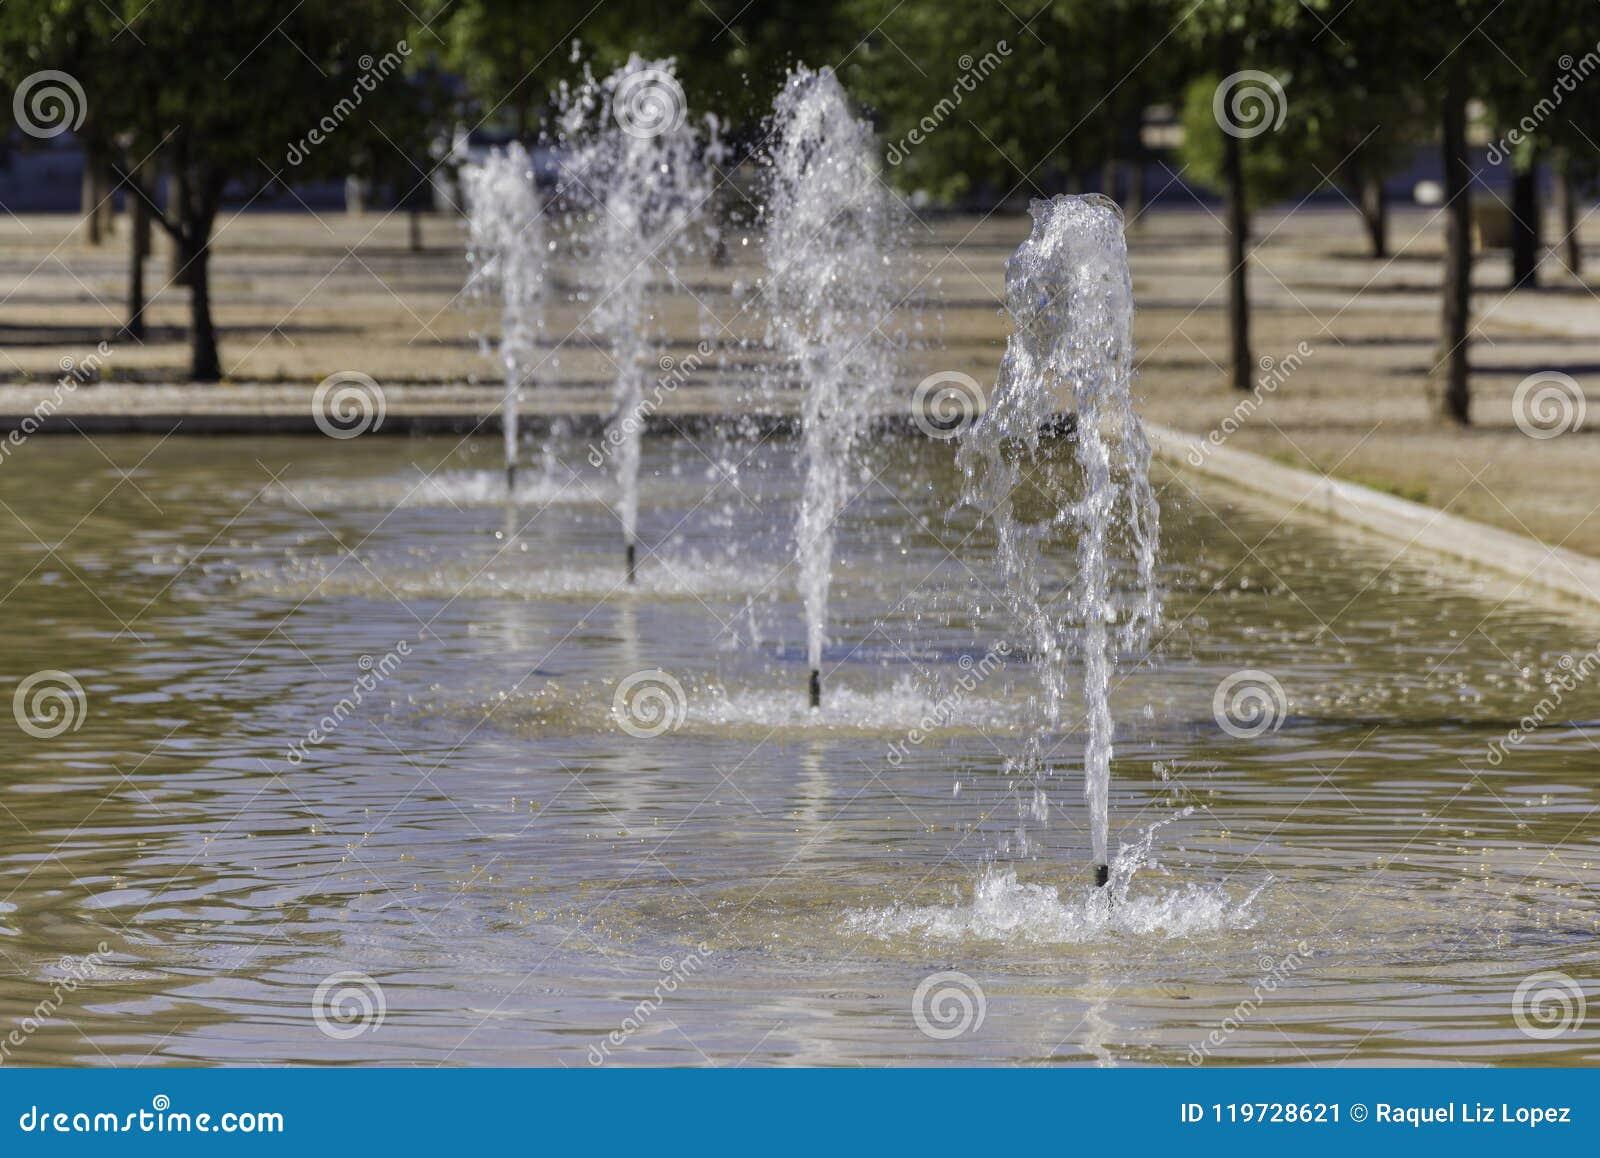 Dettaglio ad un waterjet